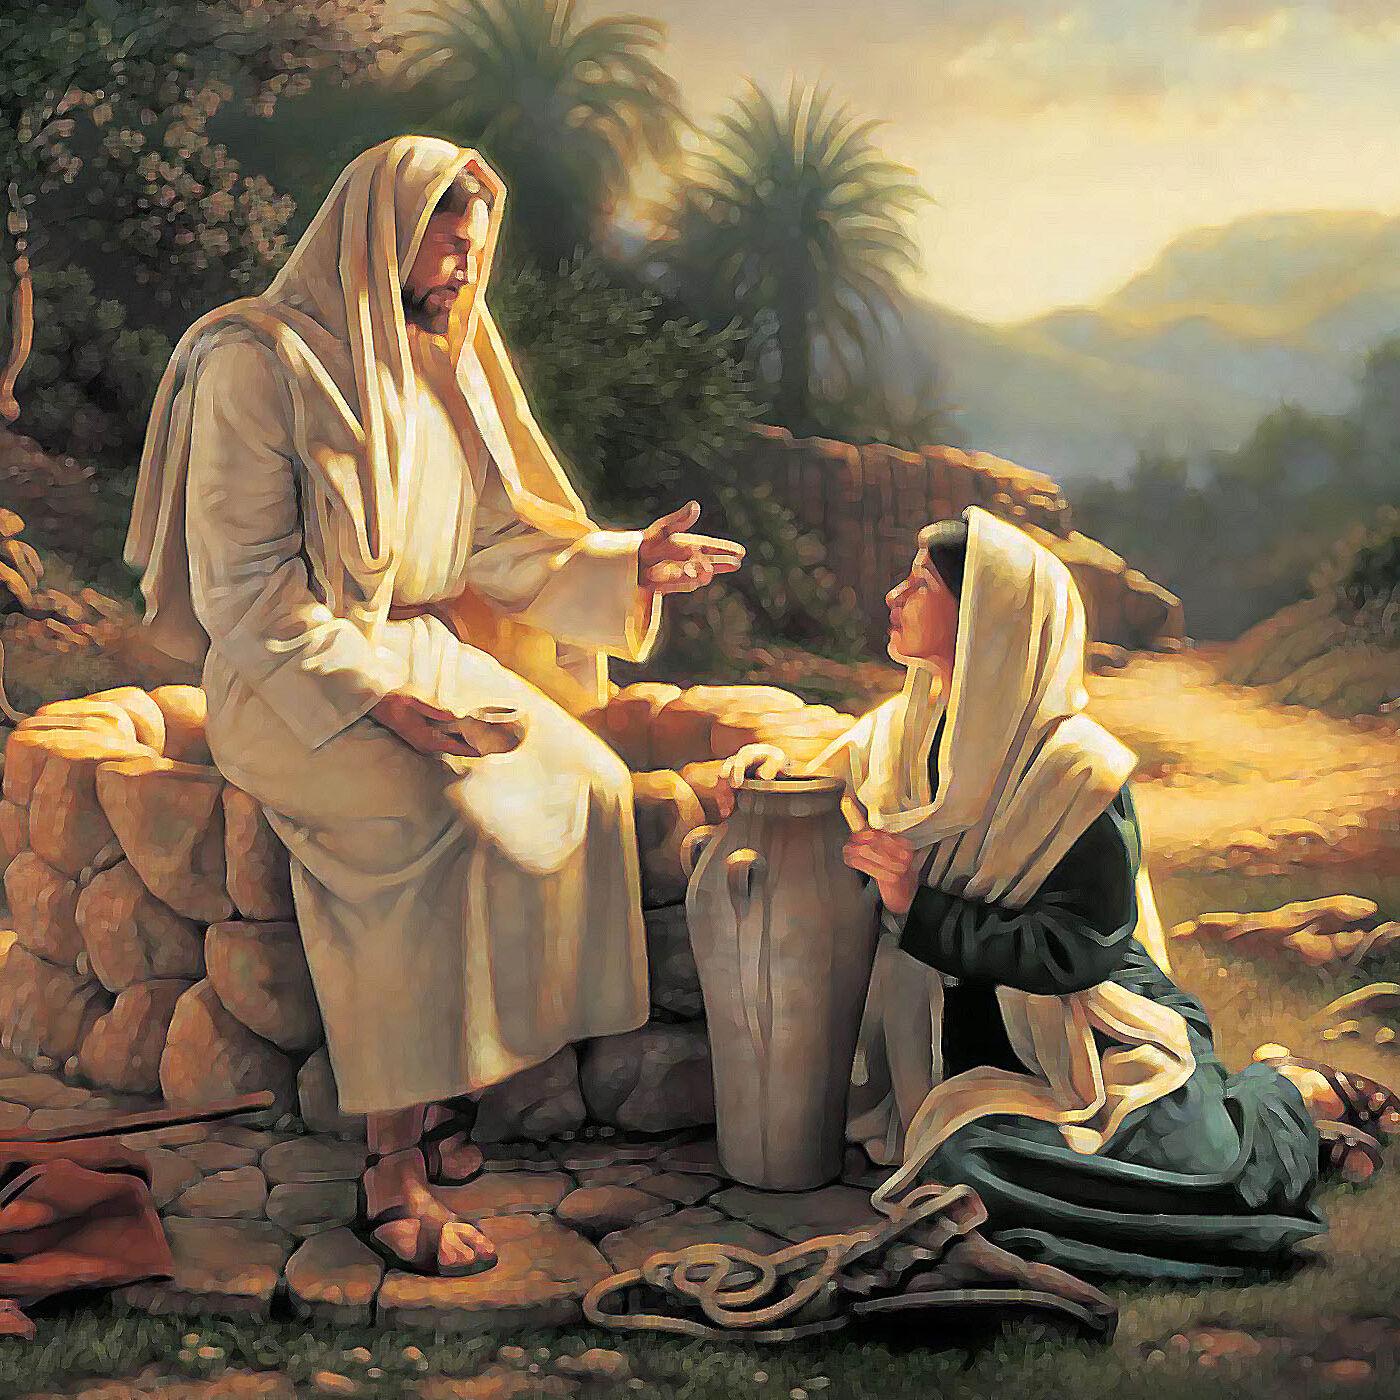 riflessioni sul Vangelo di Giovedì 24 Giugno 2021 (Lc 1, 57-66. 80) - Apostola Michela